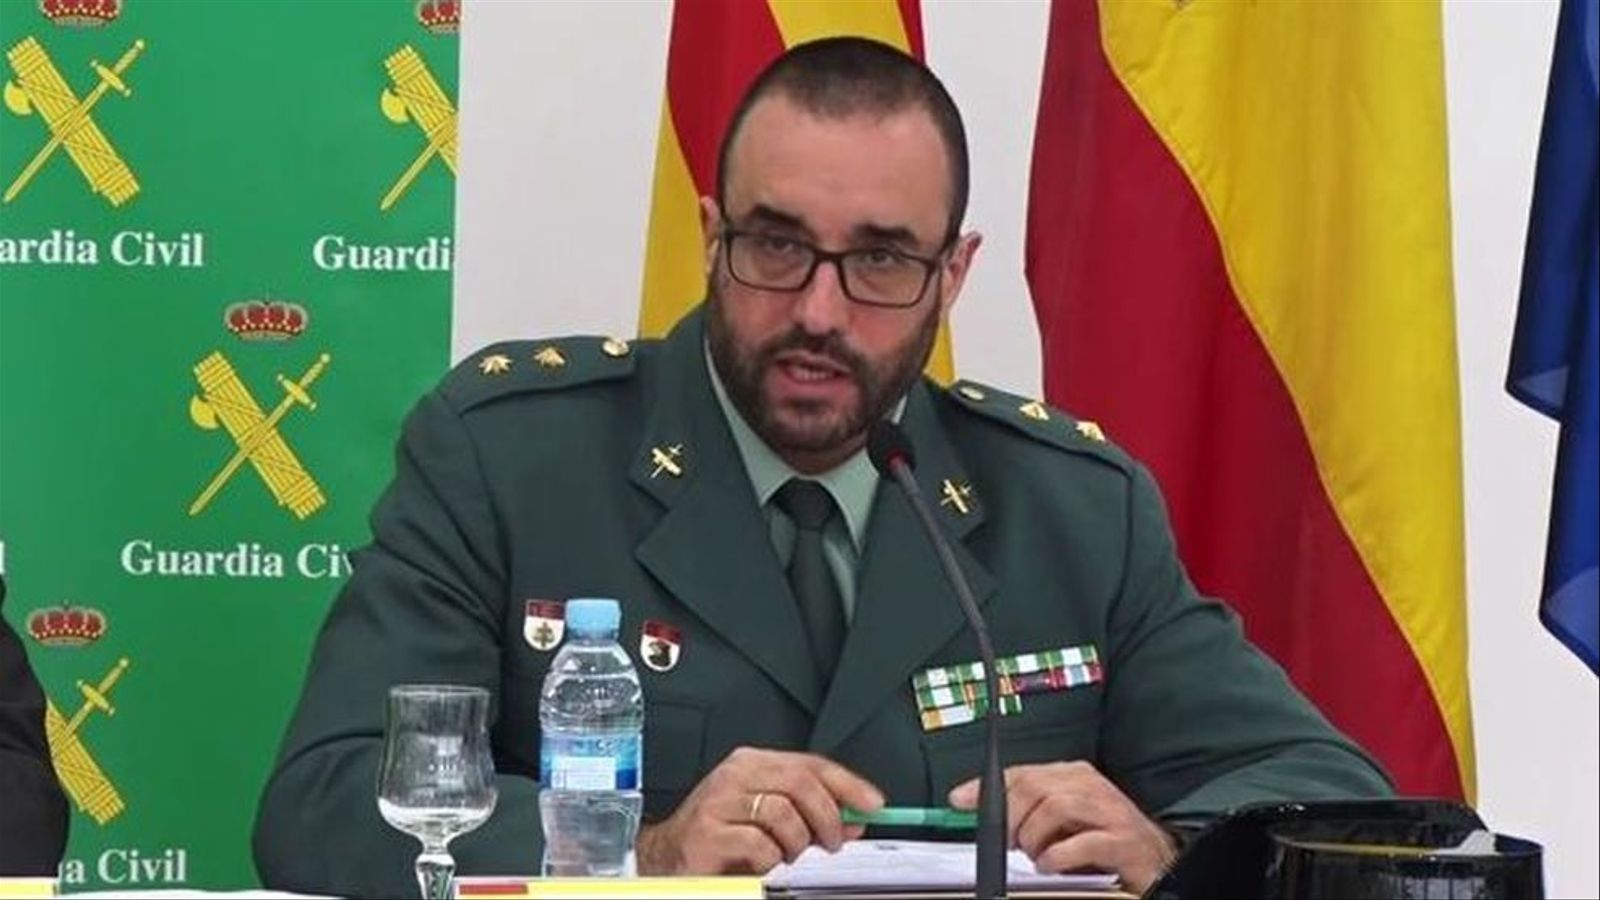 El tinent coronel nega ara qualsevol vinculació amb el compte de Twitter que carregava contra el Procés